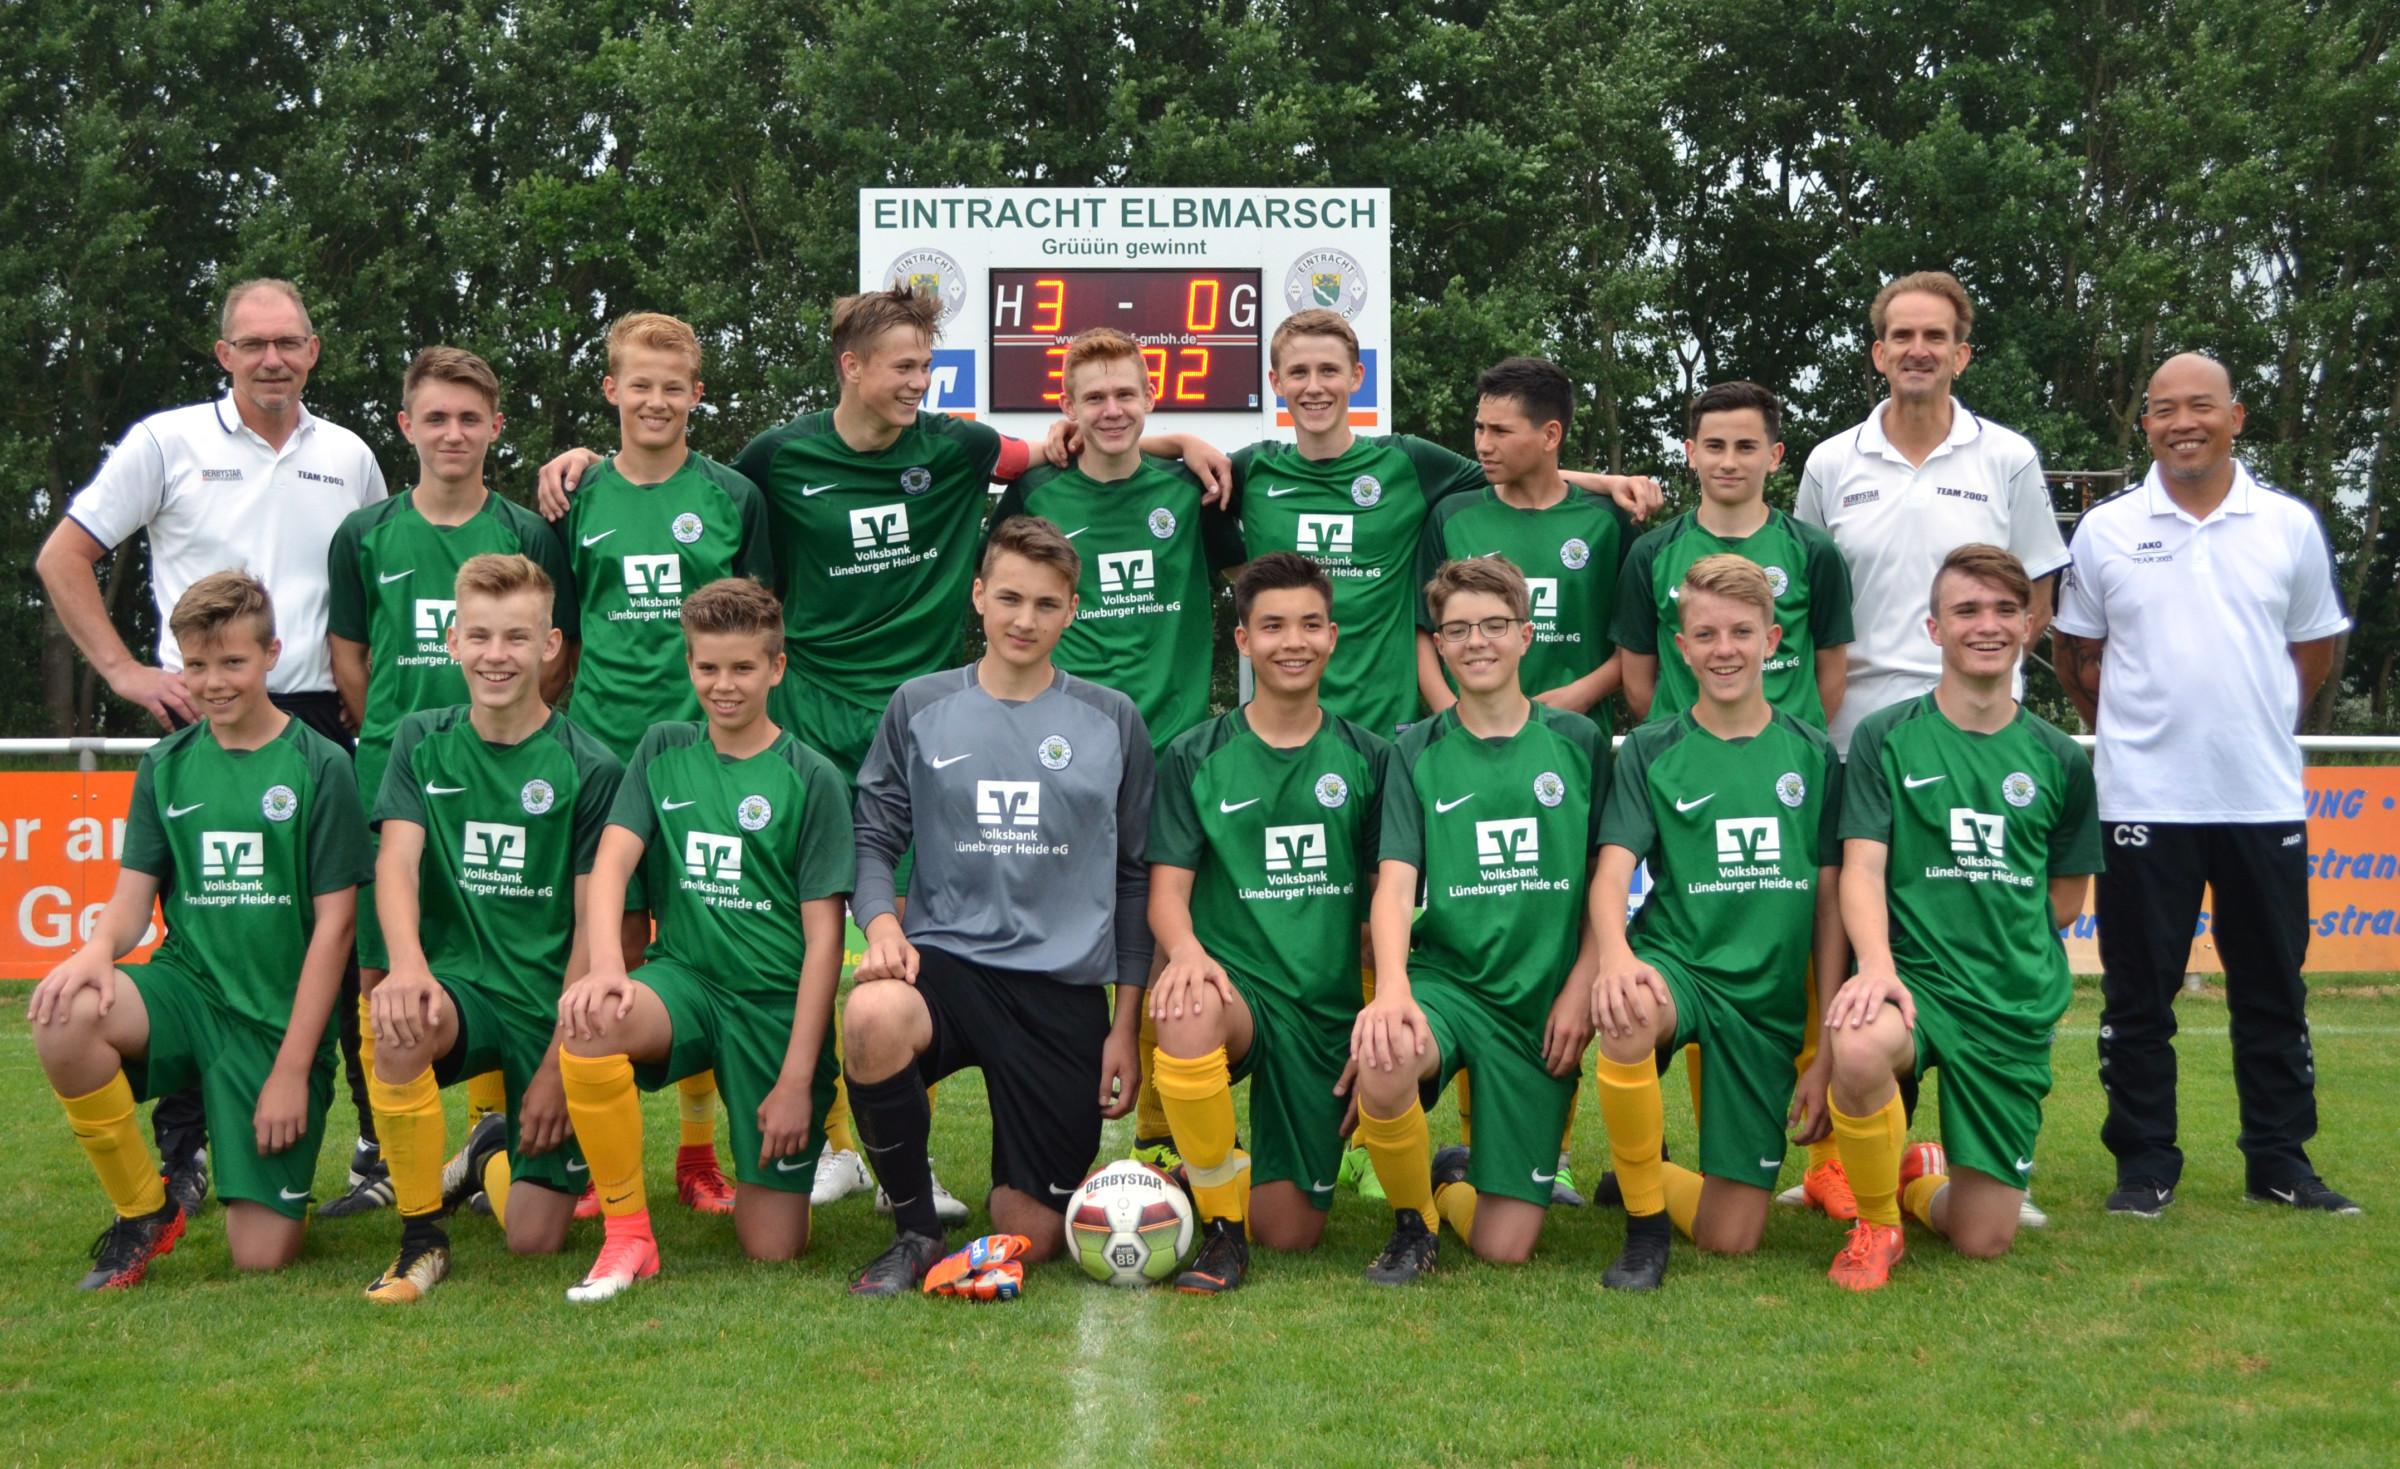 Geehrt als Mannschaft des Jahres: Die U-16-Landesligamannschaft von Trainer Jörn Kahl (hintere Reihe, links)